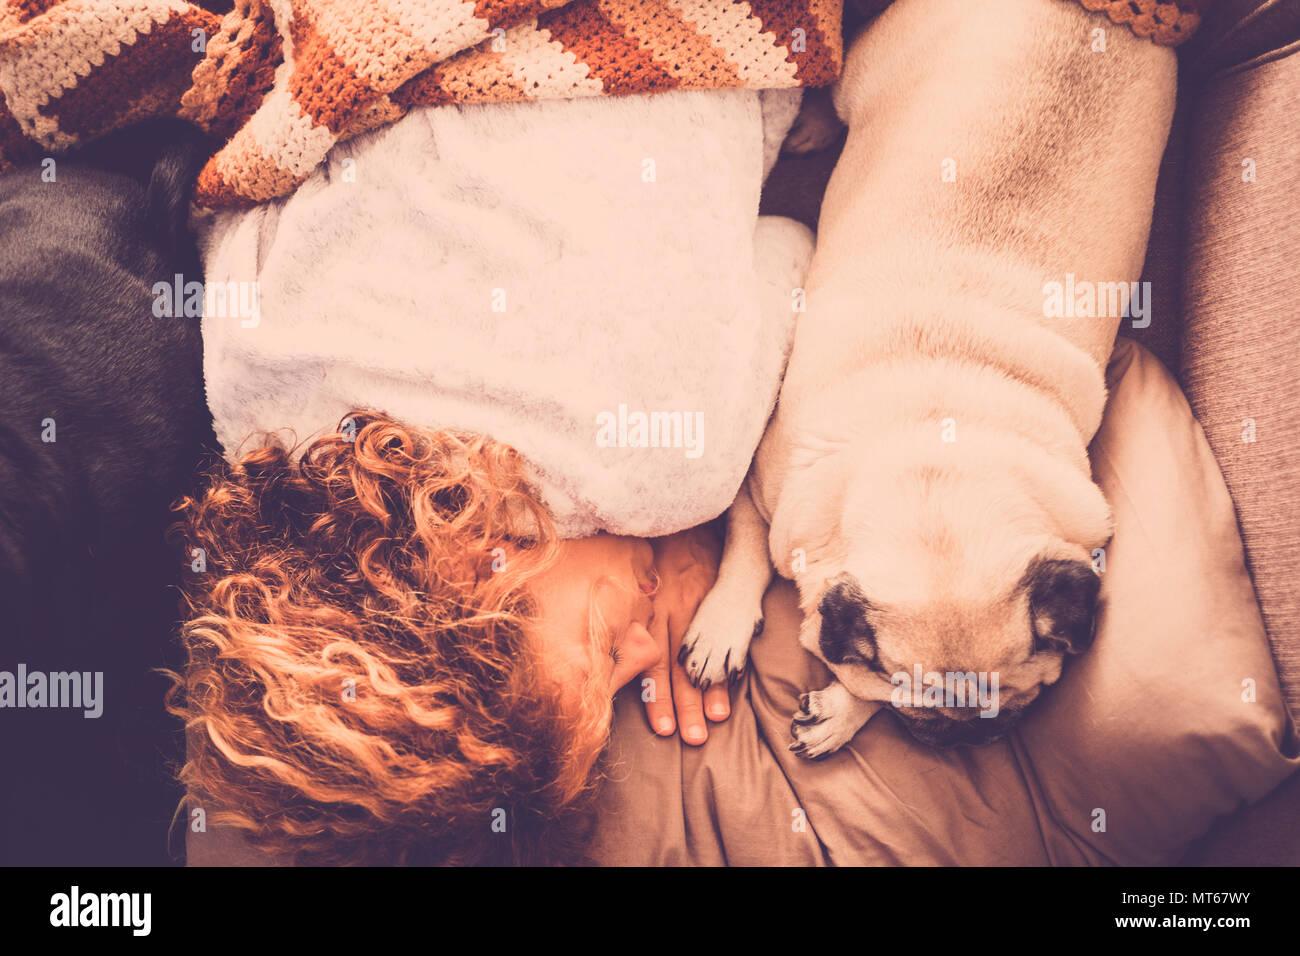 Mejores amigos para siempre con bonito perro pug y hermoso cabello swirl mujer caucásica duermen juntos en la mañana sobre el concepto de amistad absoluta en el sofá. Imagen De Stock